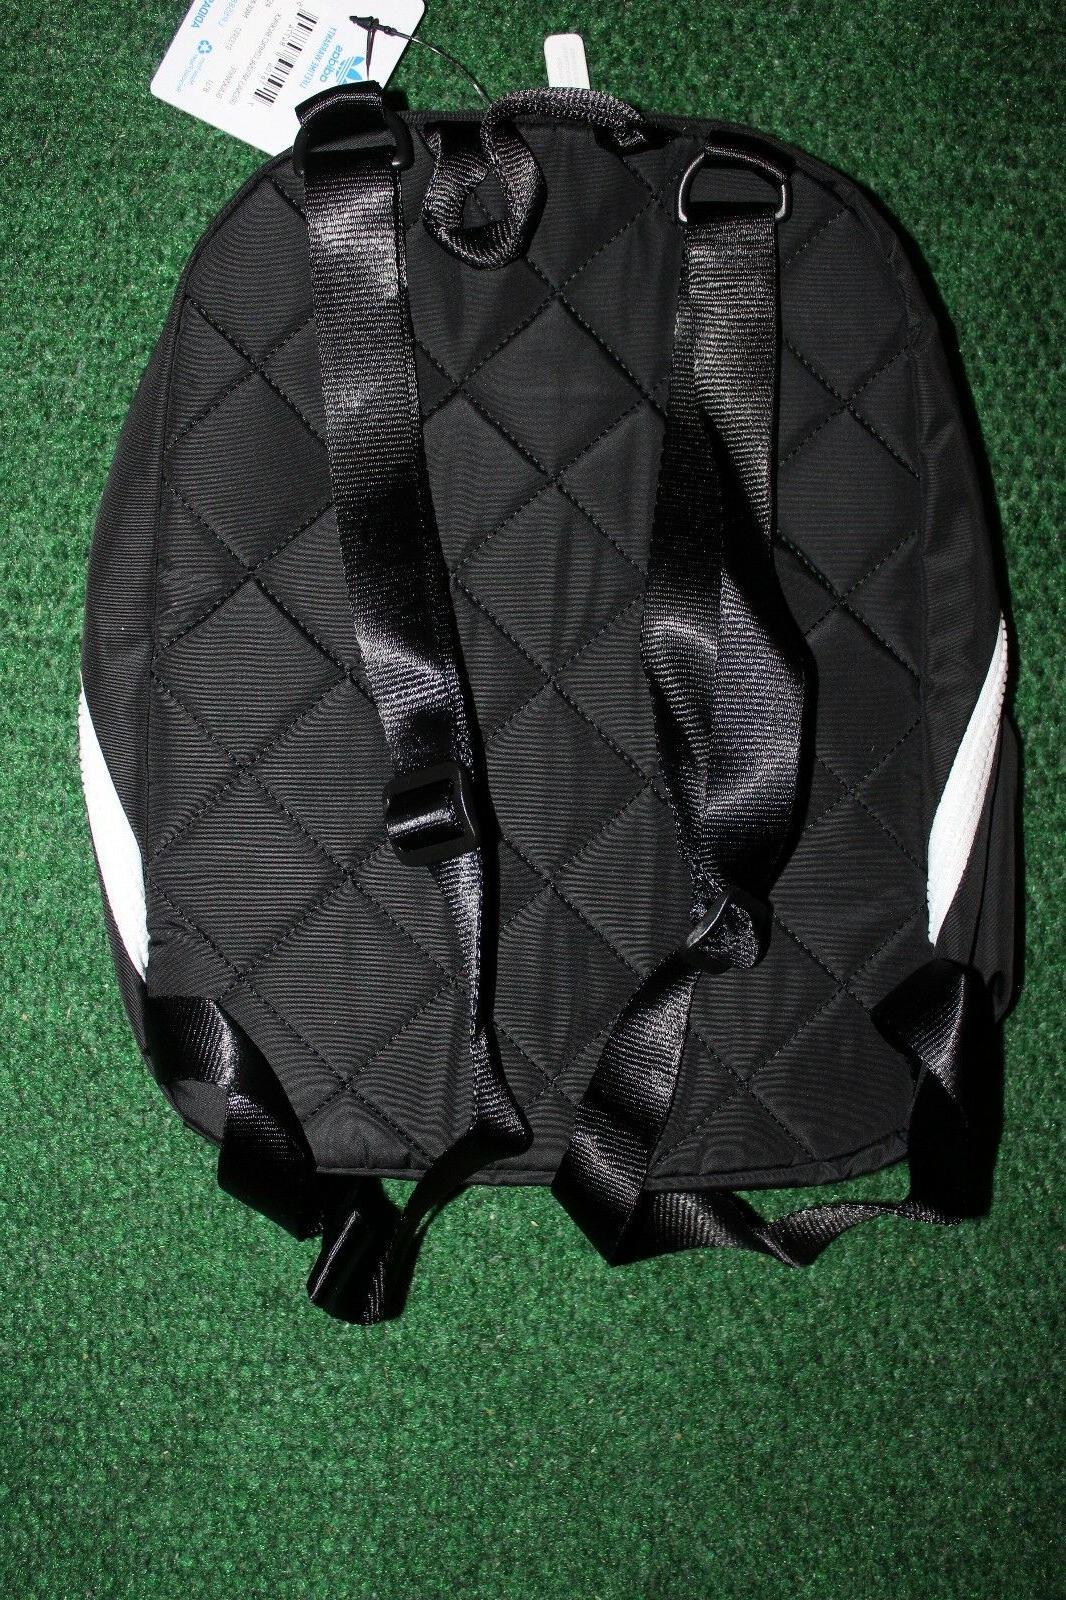 NEW ADIDAS ORIGINALS MINI BACKPACK BAG #5145051